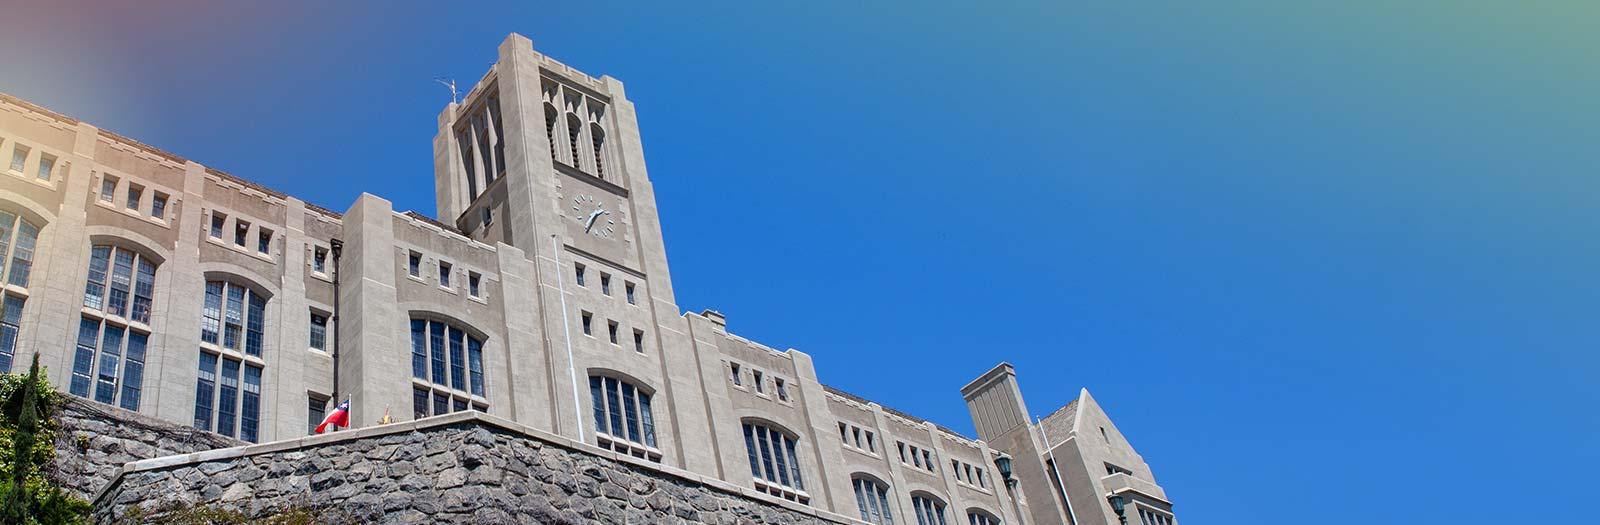 Somos pioneros en docencia de electrónica en pregrado y postgrado desde 1960